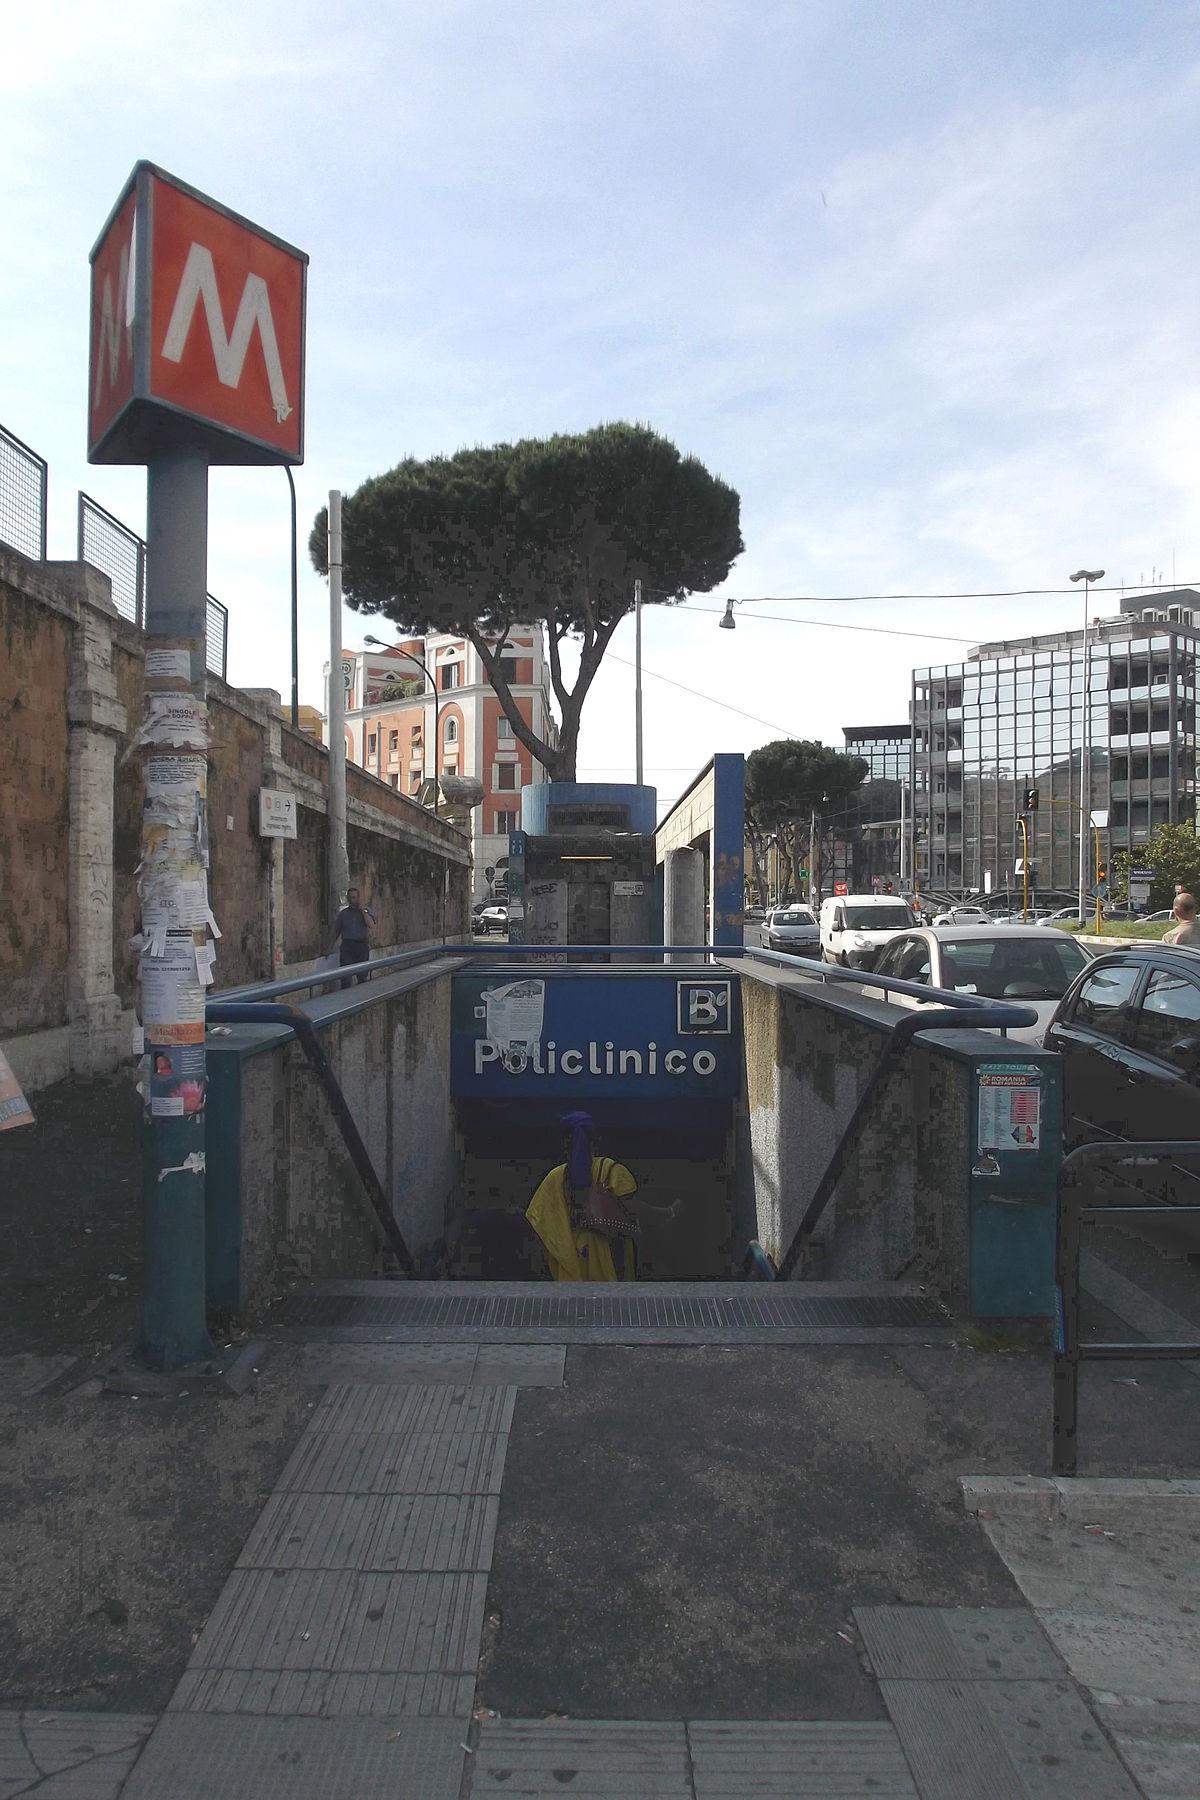 Policlinico metropolitana di roma wikipedia for Www b b it